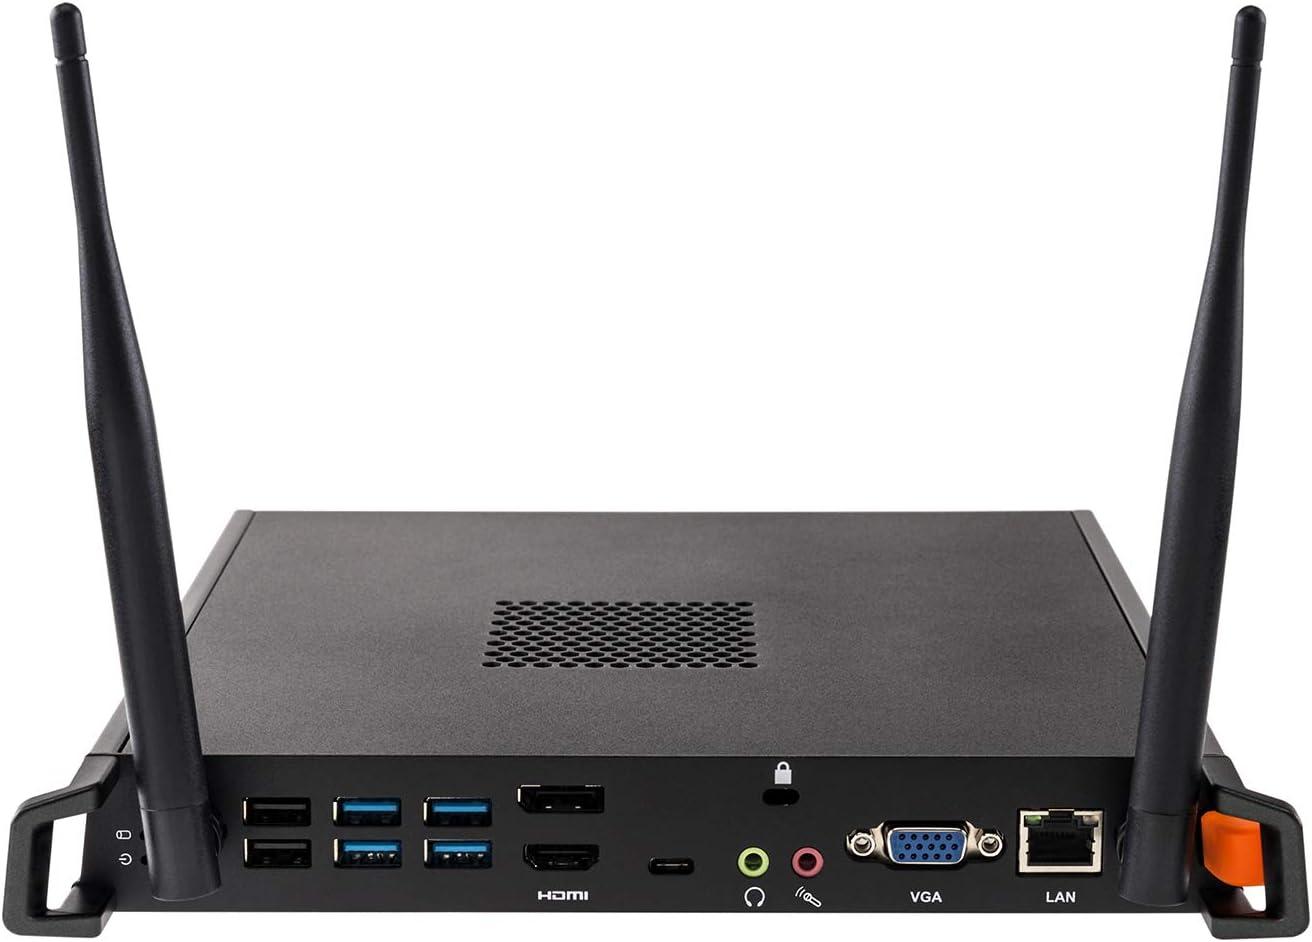 iiyama SPC5801BB - Slot Intel® i5 modulare con Windows® 10 IoT Enterprise per grandi formati iiyama TExx03MIS (TE6503MIS, TE7503MIS, TE8603MIS)